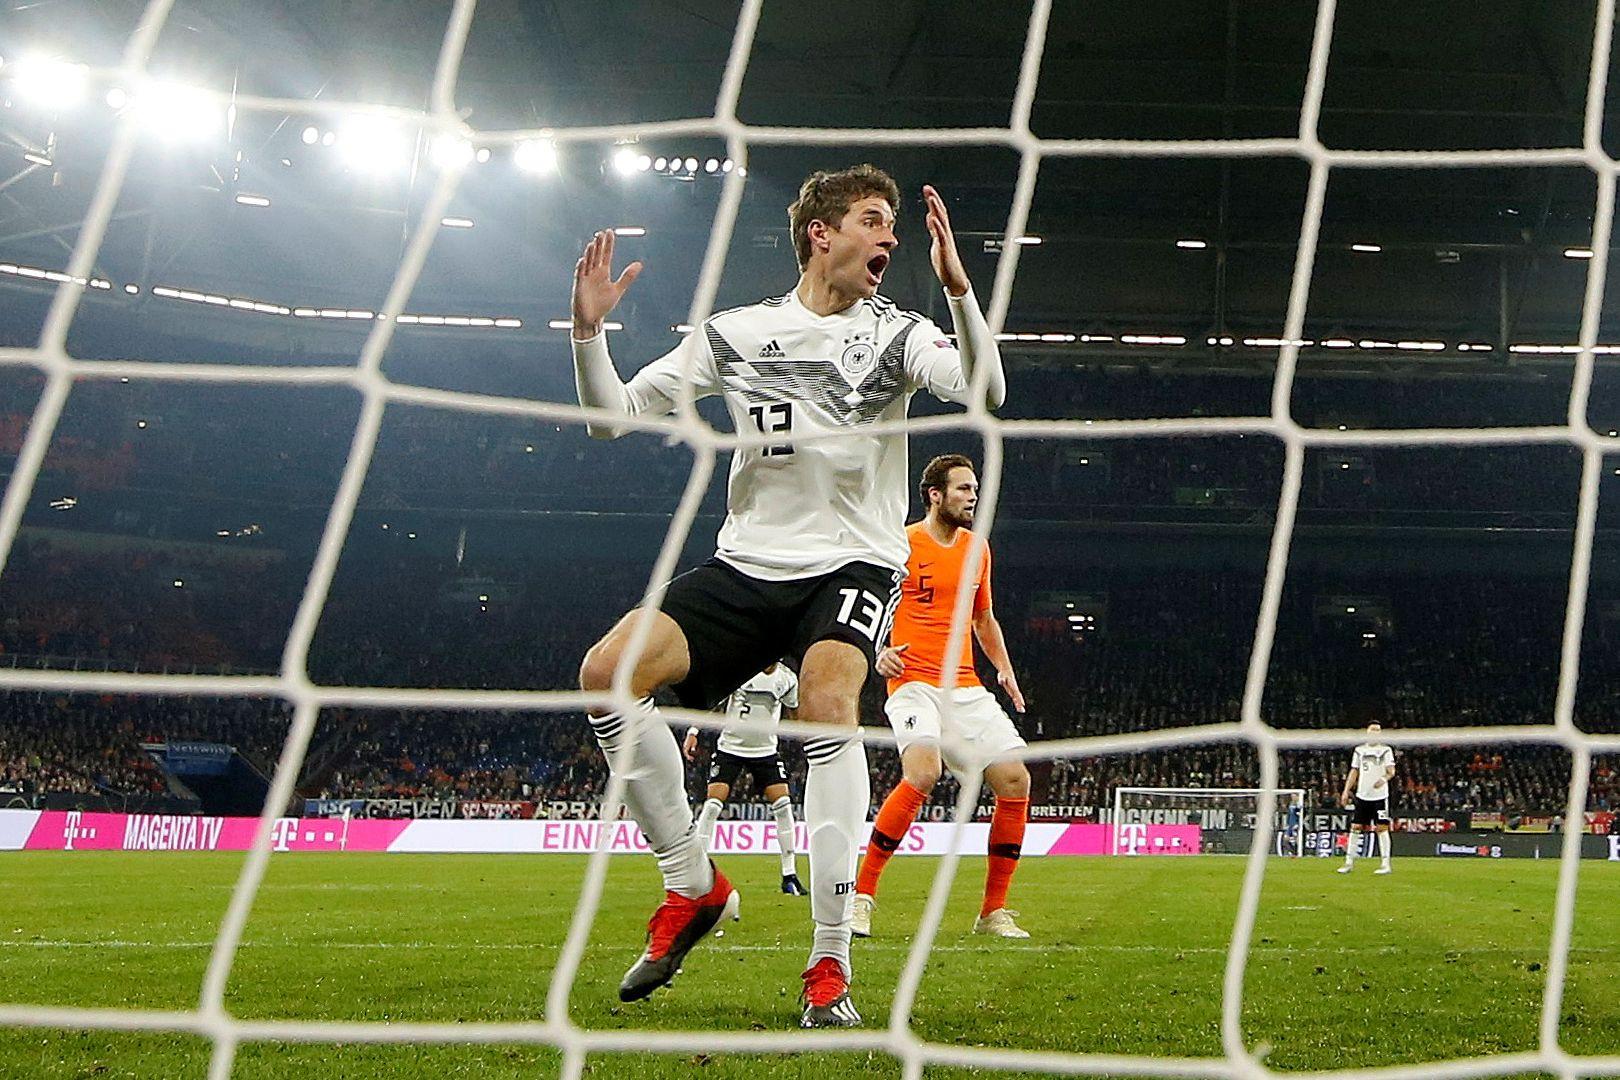 Destino da Alemanha no apuramento para o Euro'2020 depende de... Portugal